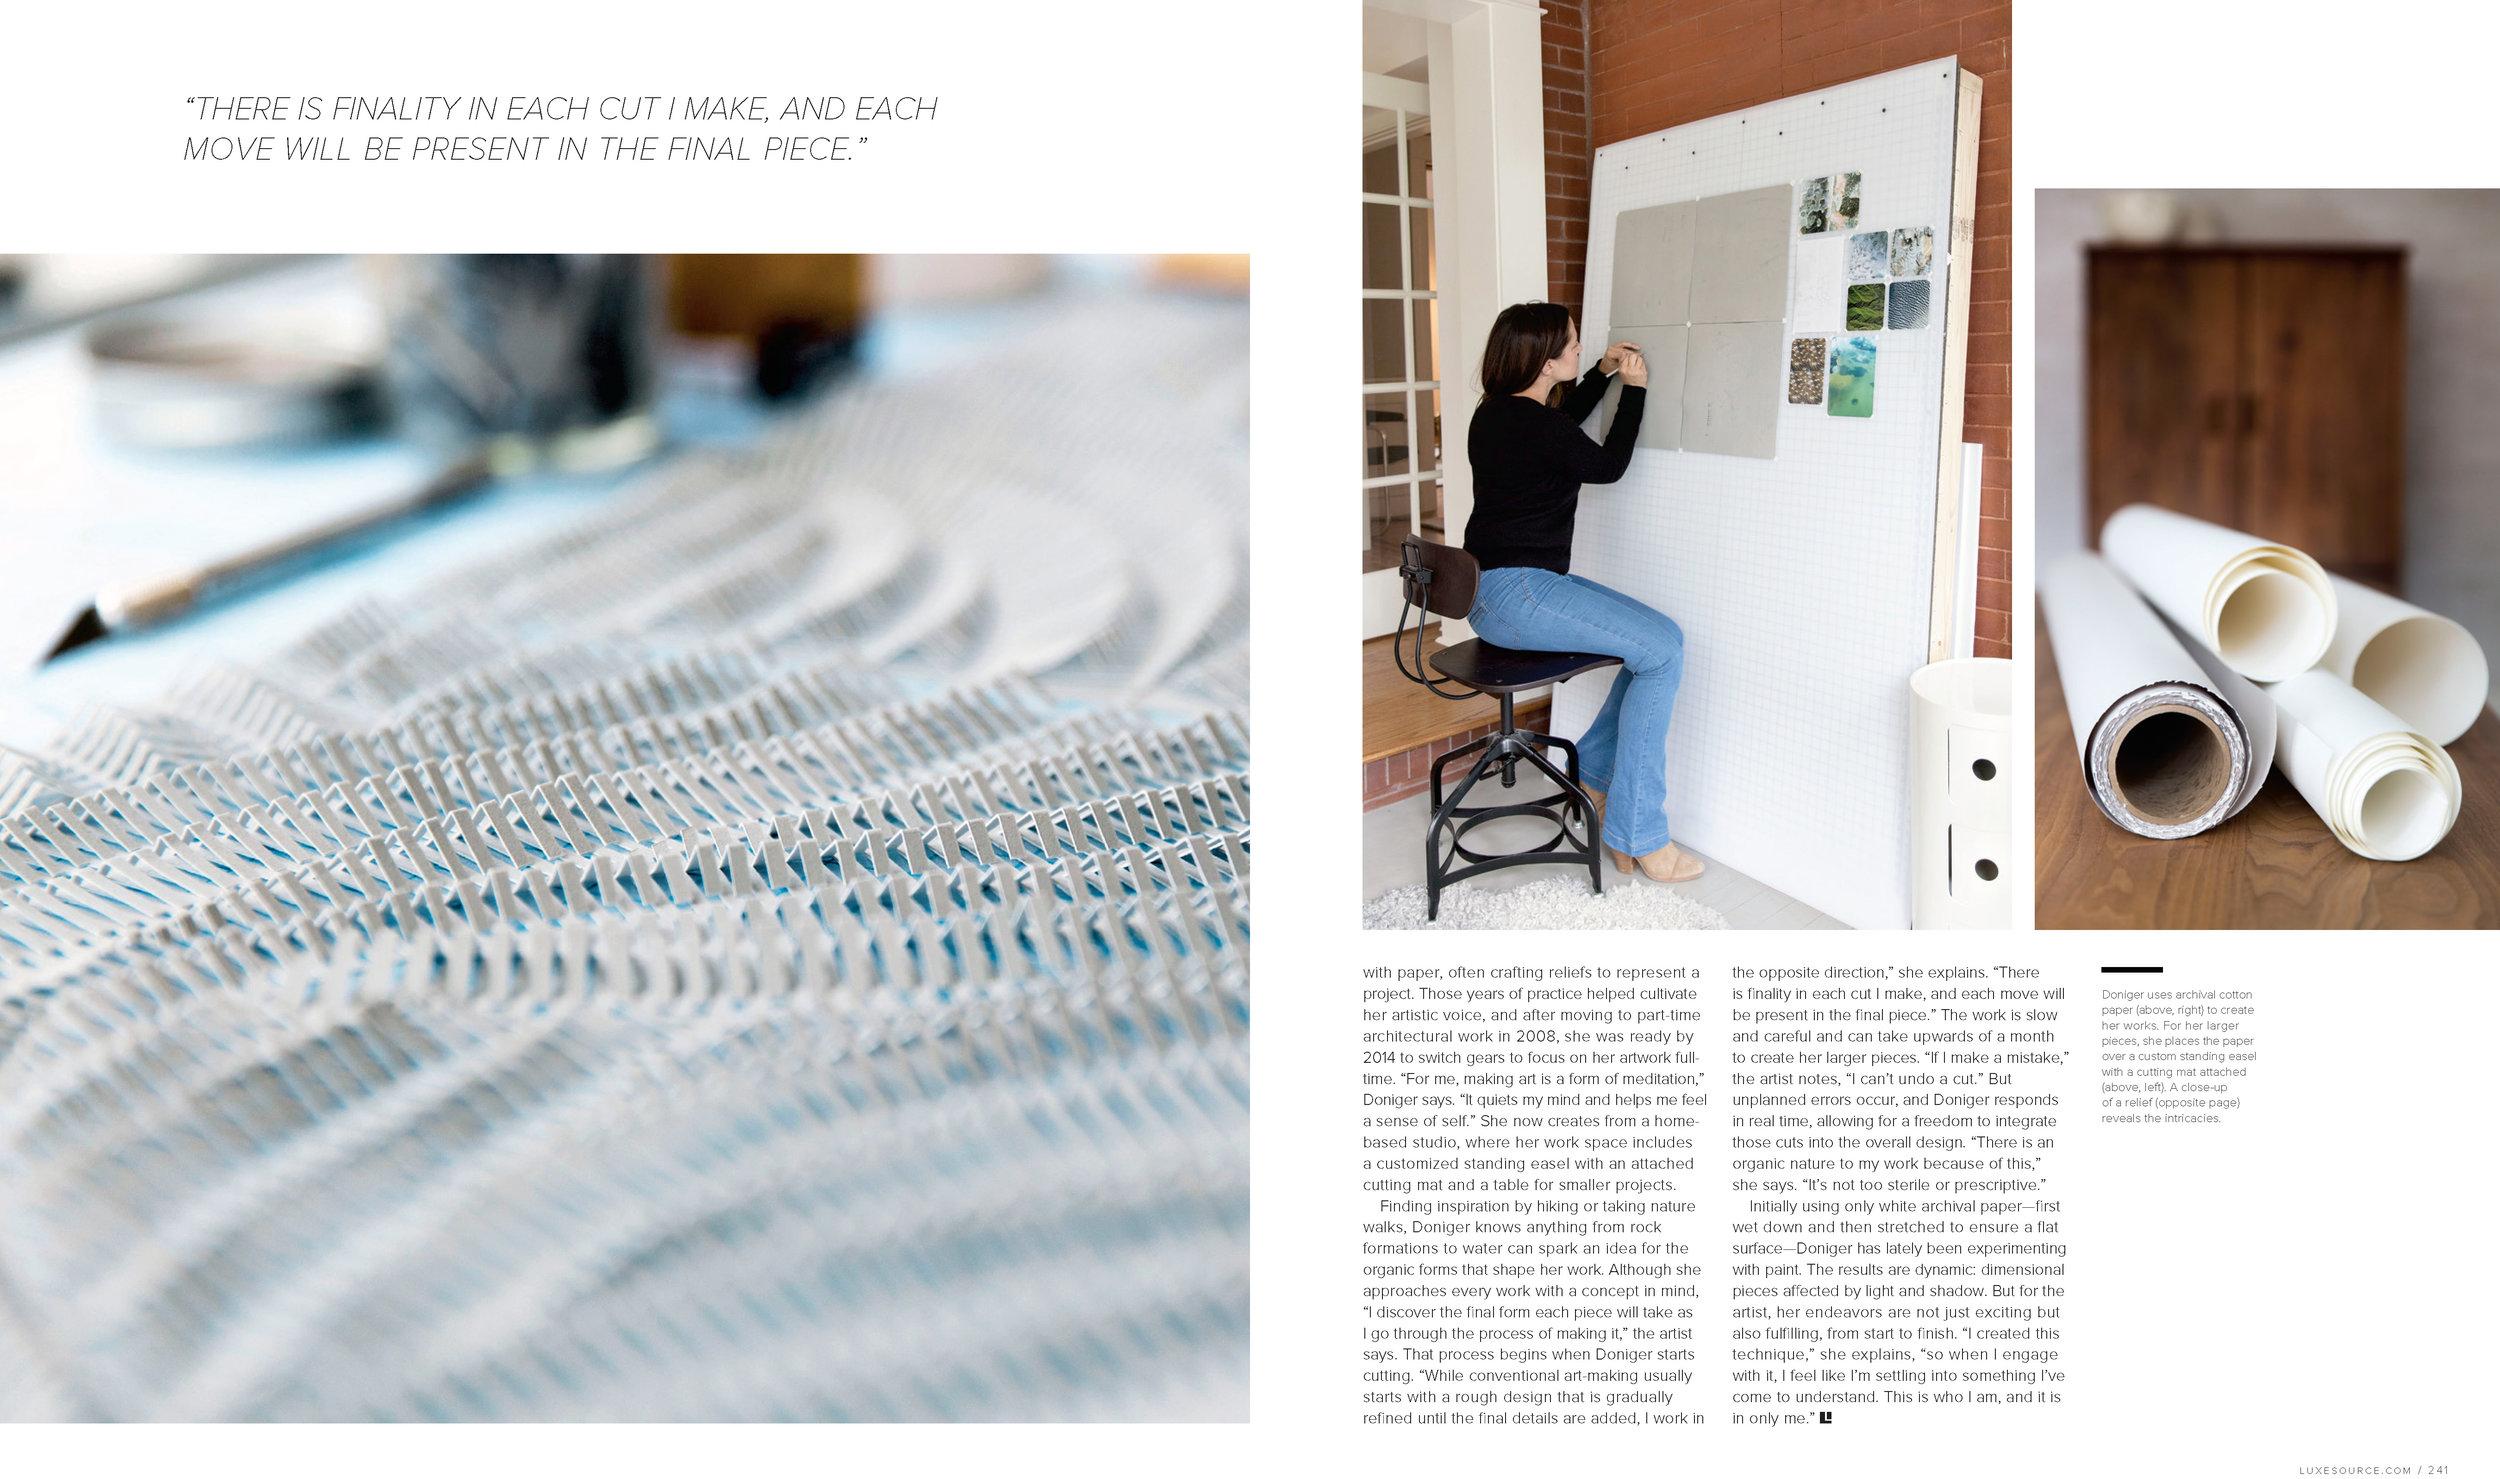 Rstumpf_LuxeMagazine11.jpg